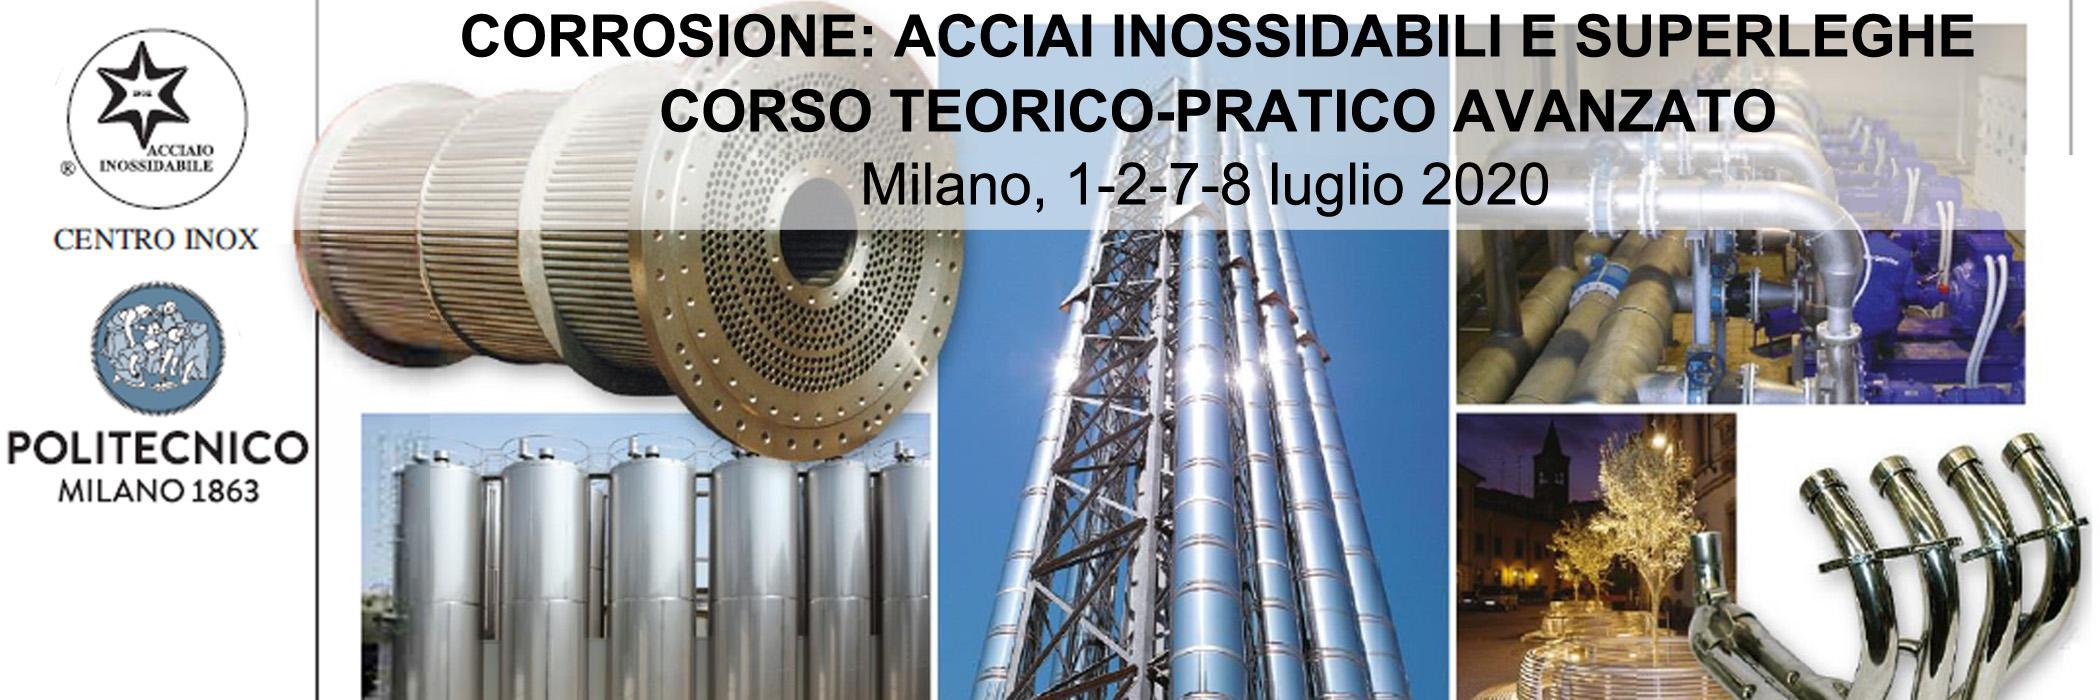 Corrosione di acciai inossidabili e superleghe: corso Centro Inox-PoliLaPP